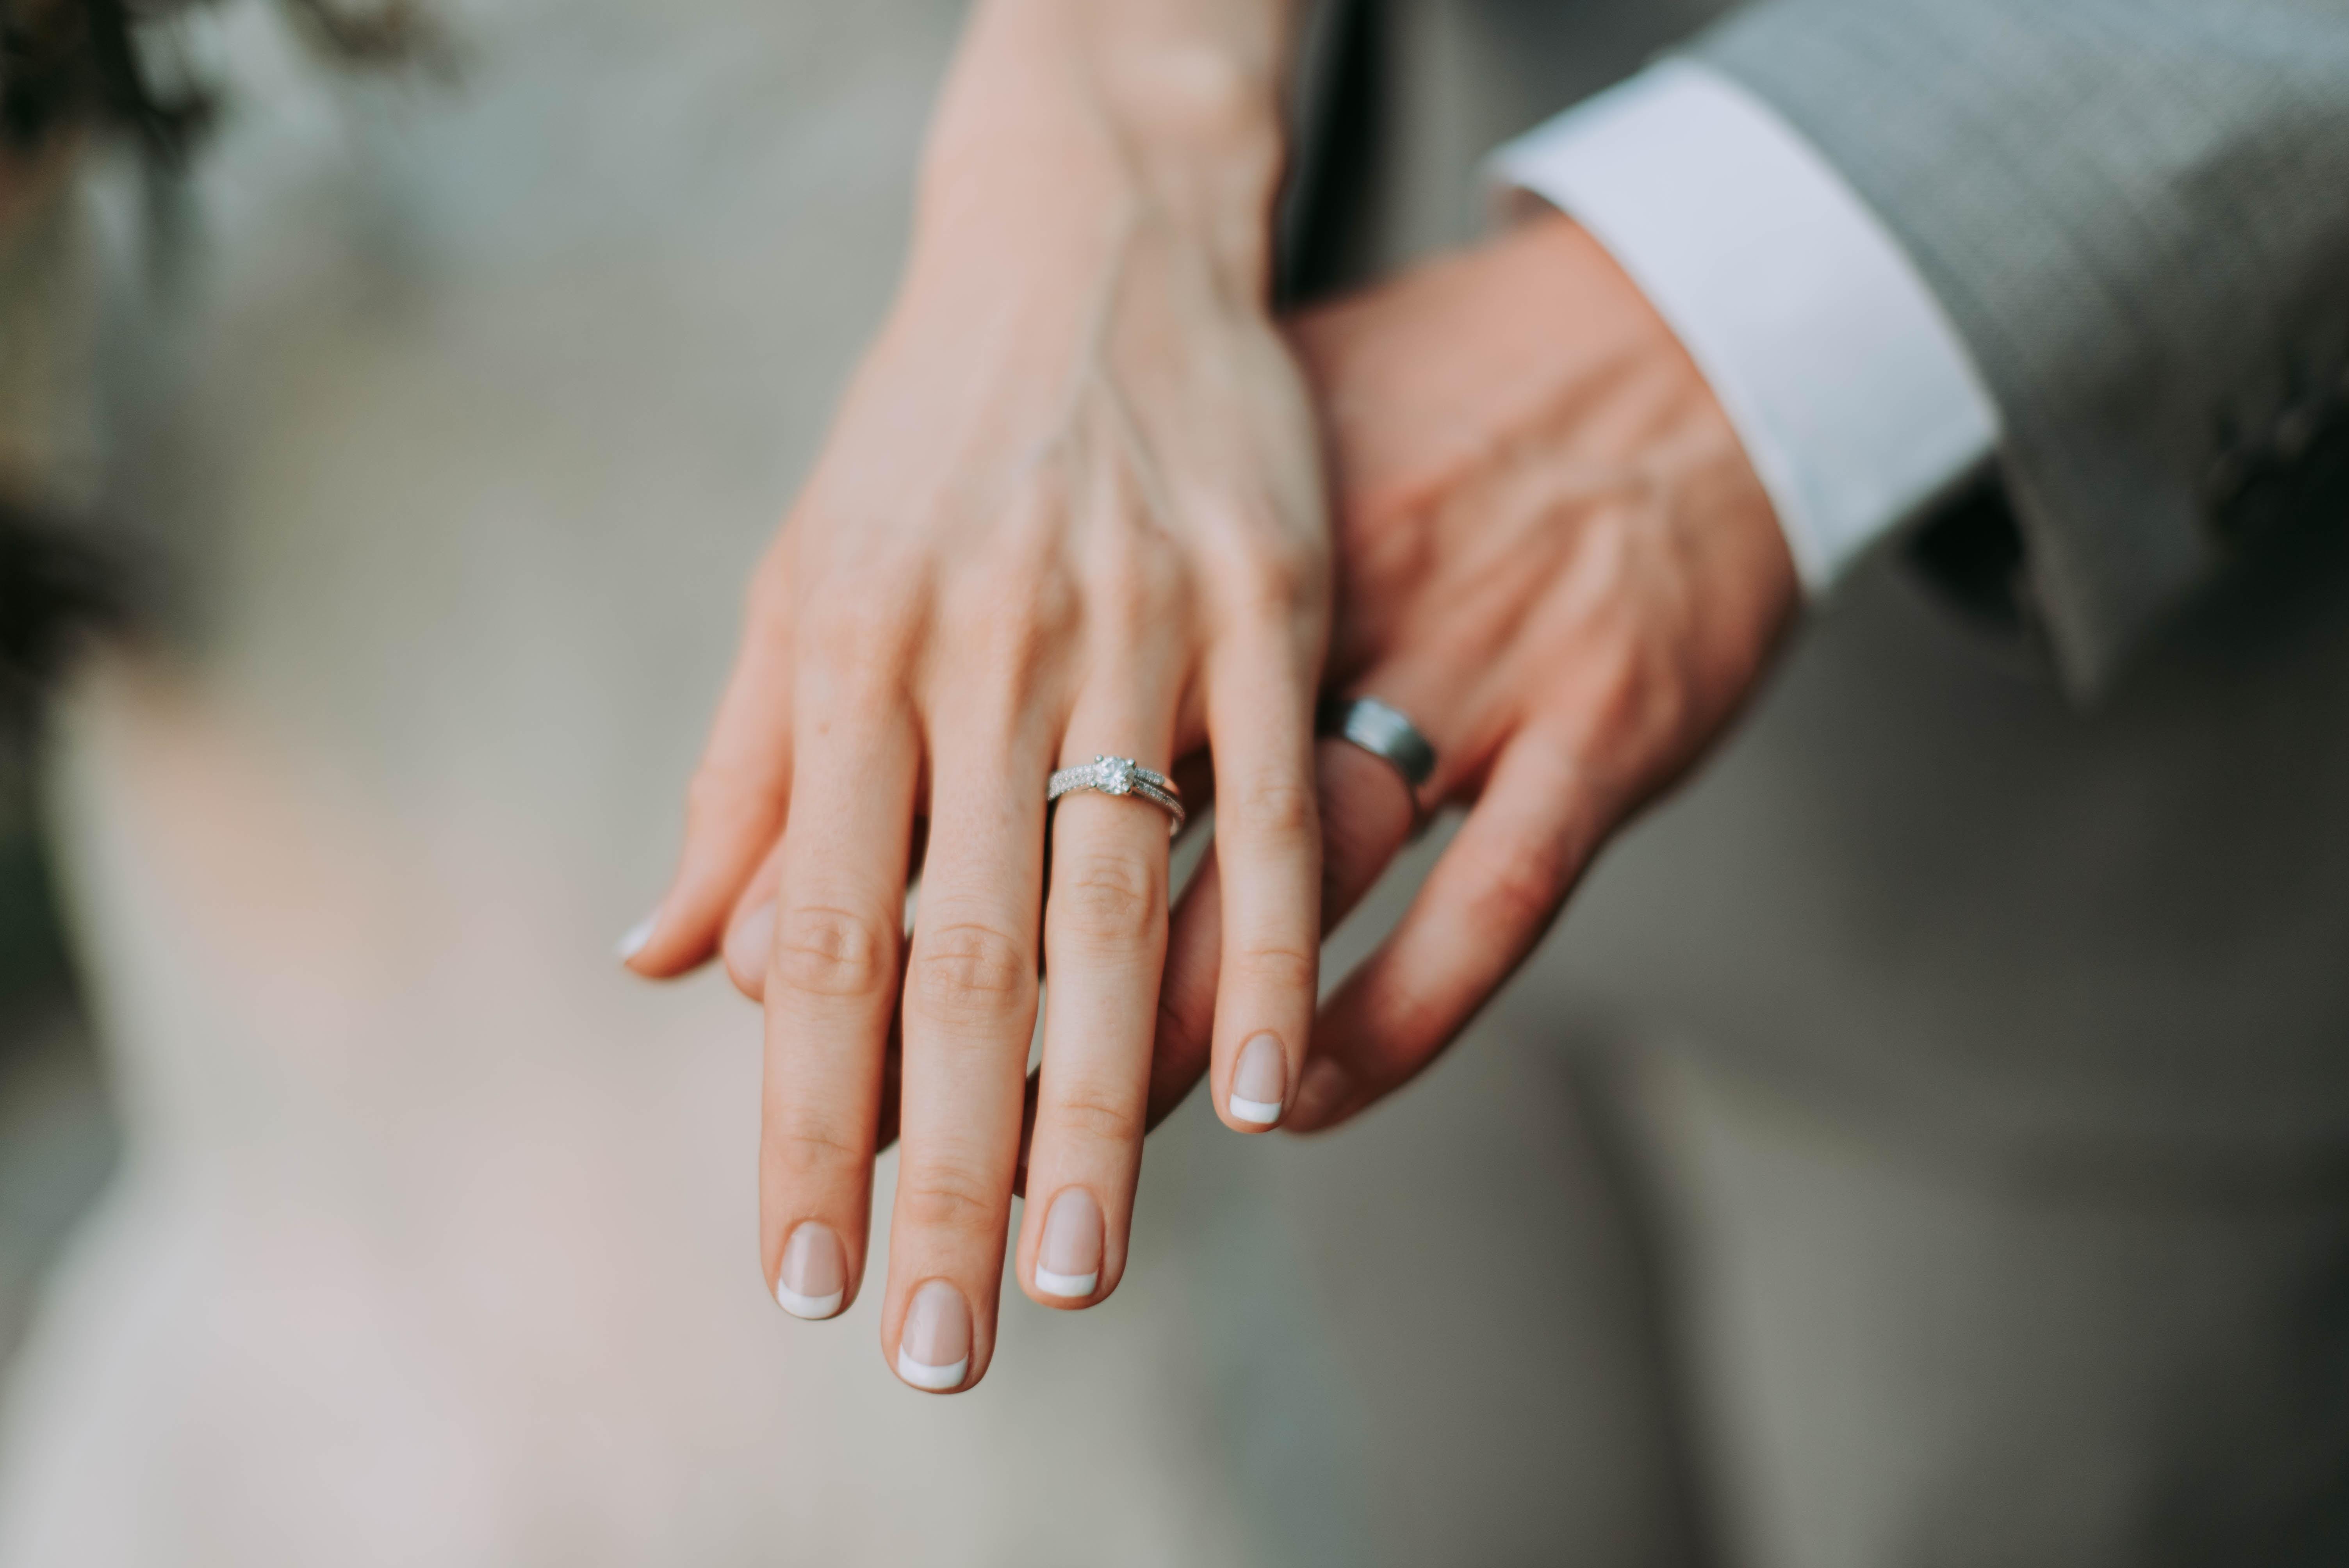 円満な結婚生活を送りたい女性がするべきことは? | 生涯ネタまみれライターの備忘録